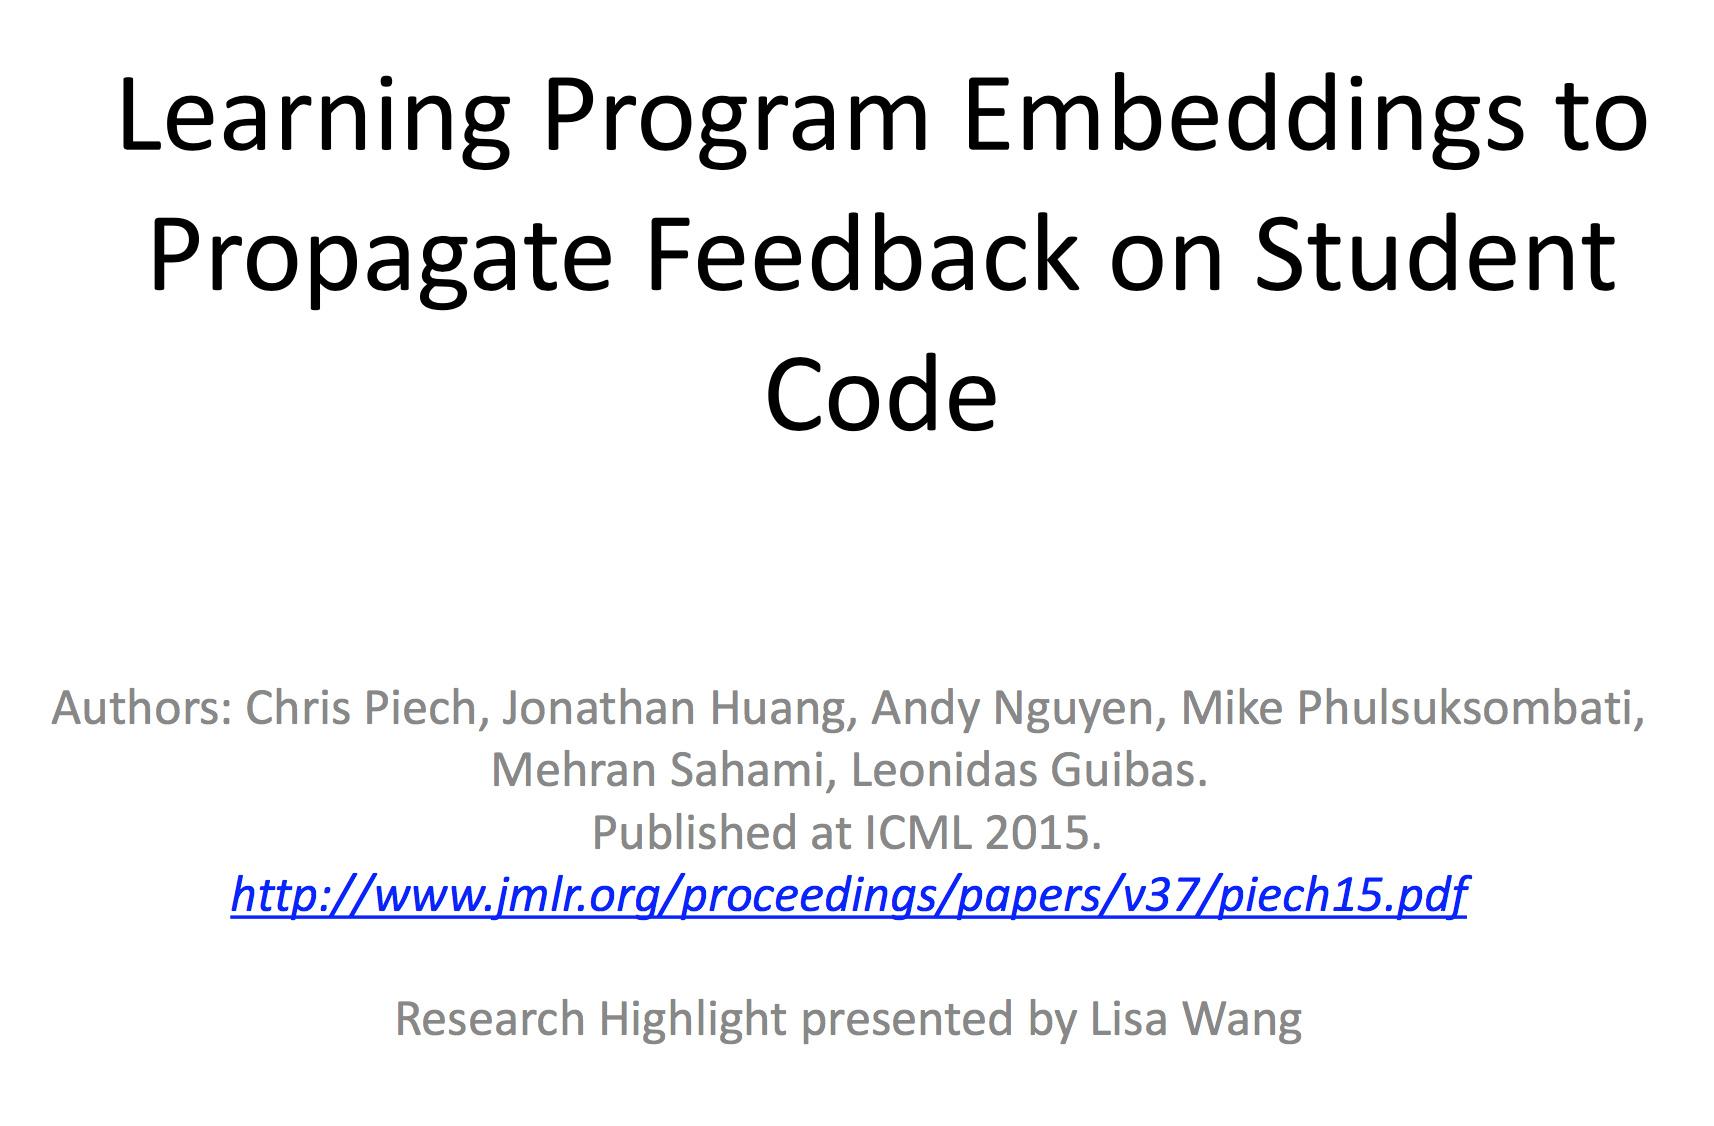 CS224n研究热点13 学习代码的语义